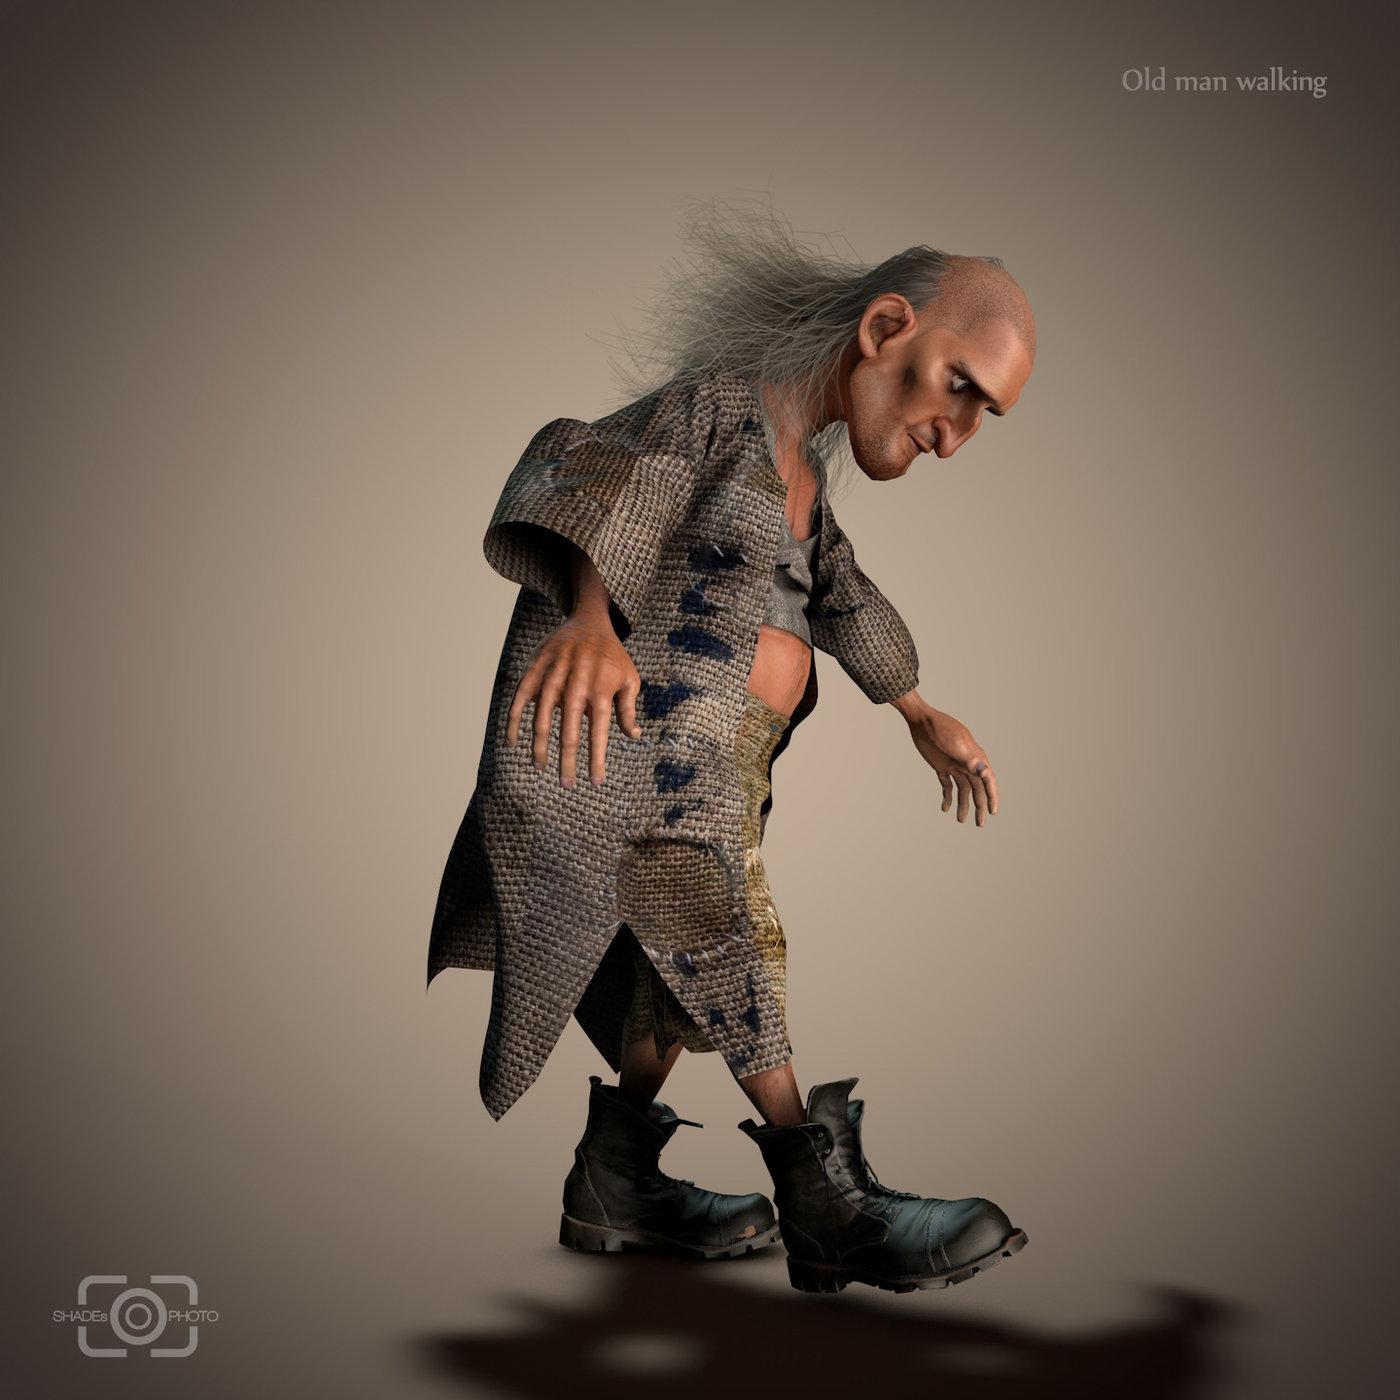 Old Man Character Walking Renders